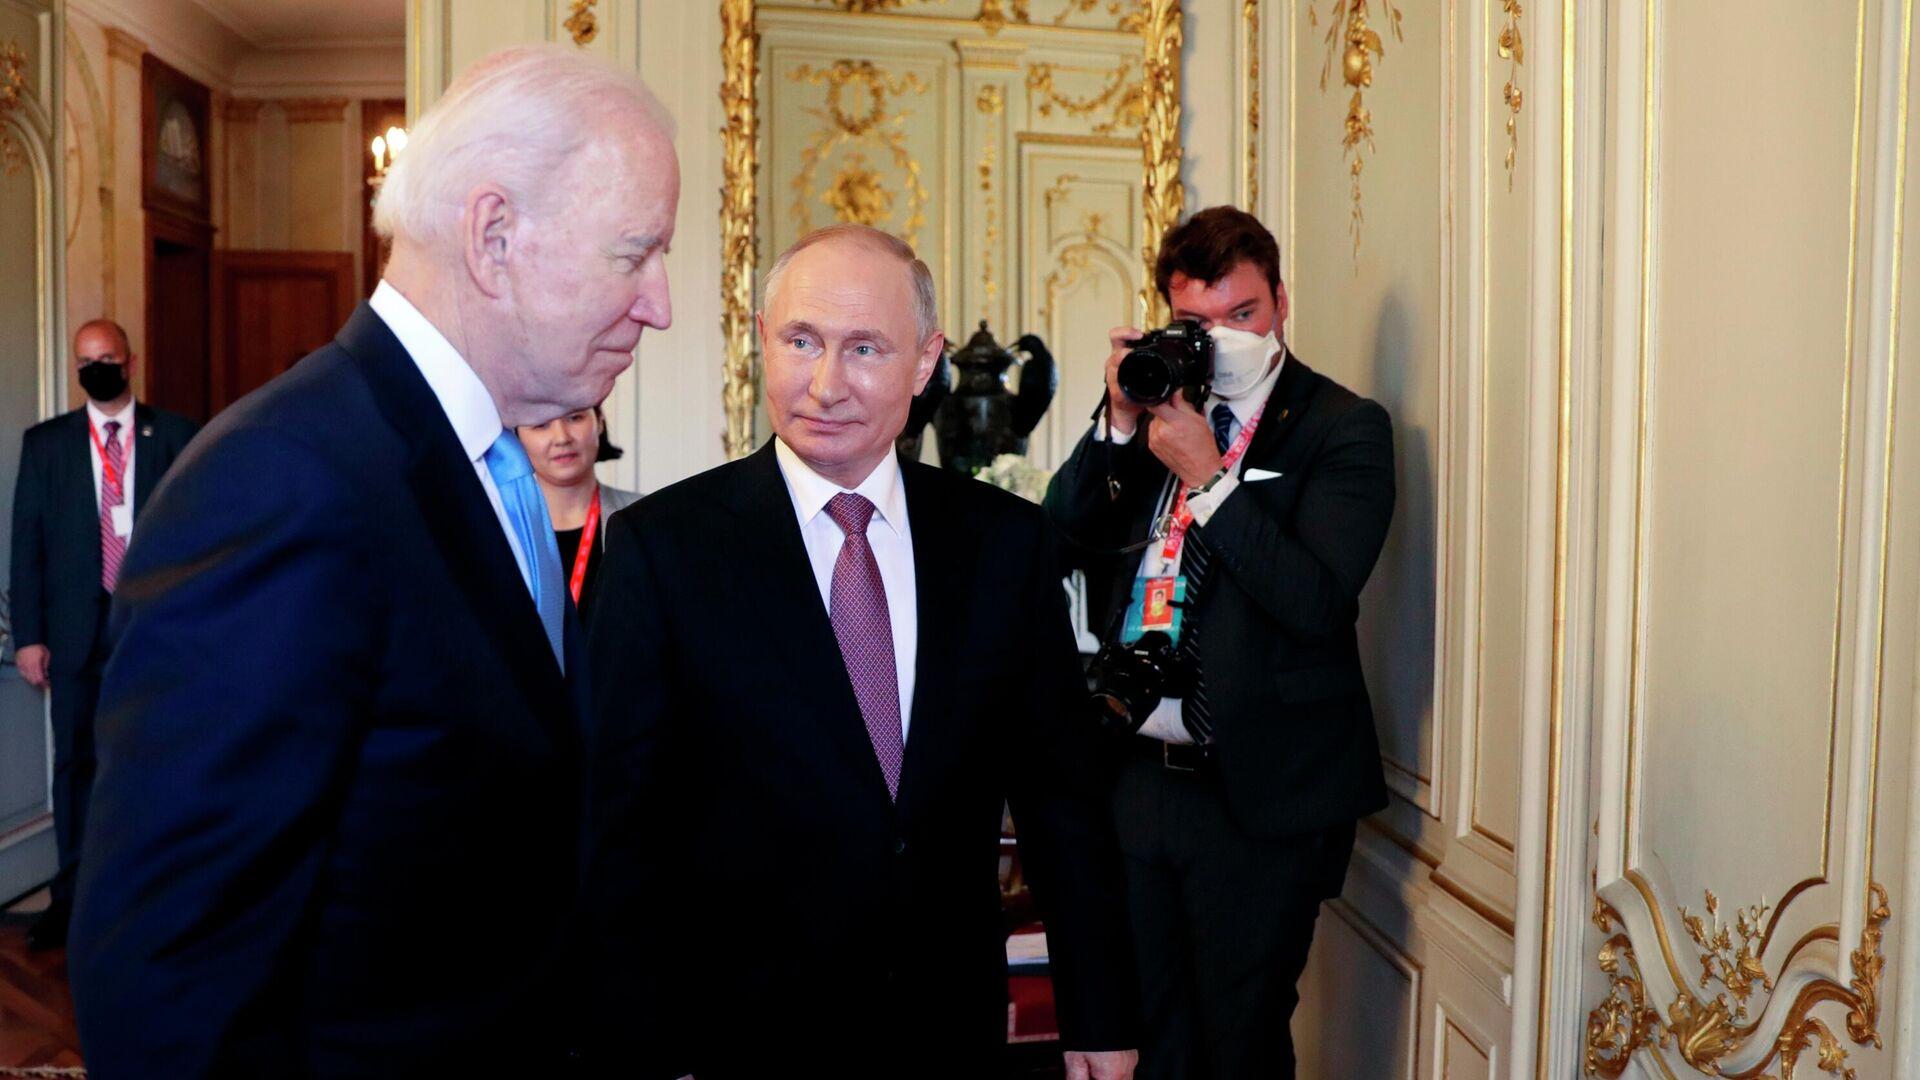 Президент РФ Владимир Путин и президент США Джо Байден перед началом российско-американских переговоров в расширенном составе на вилле Ла Гранж в Женеве - РИА Новости, 1920, 17.06.2021